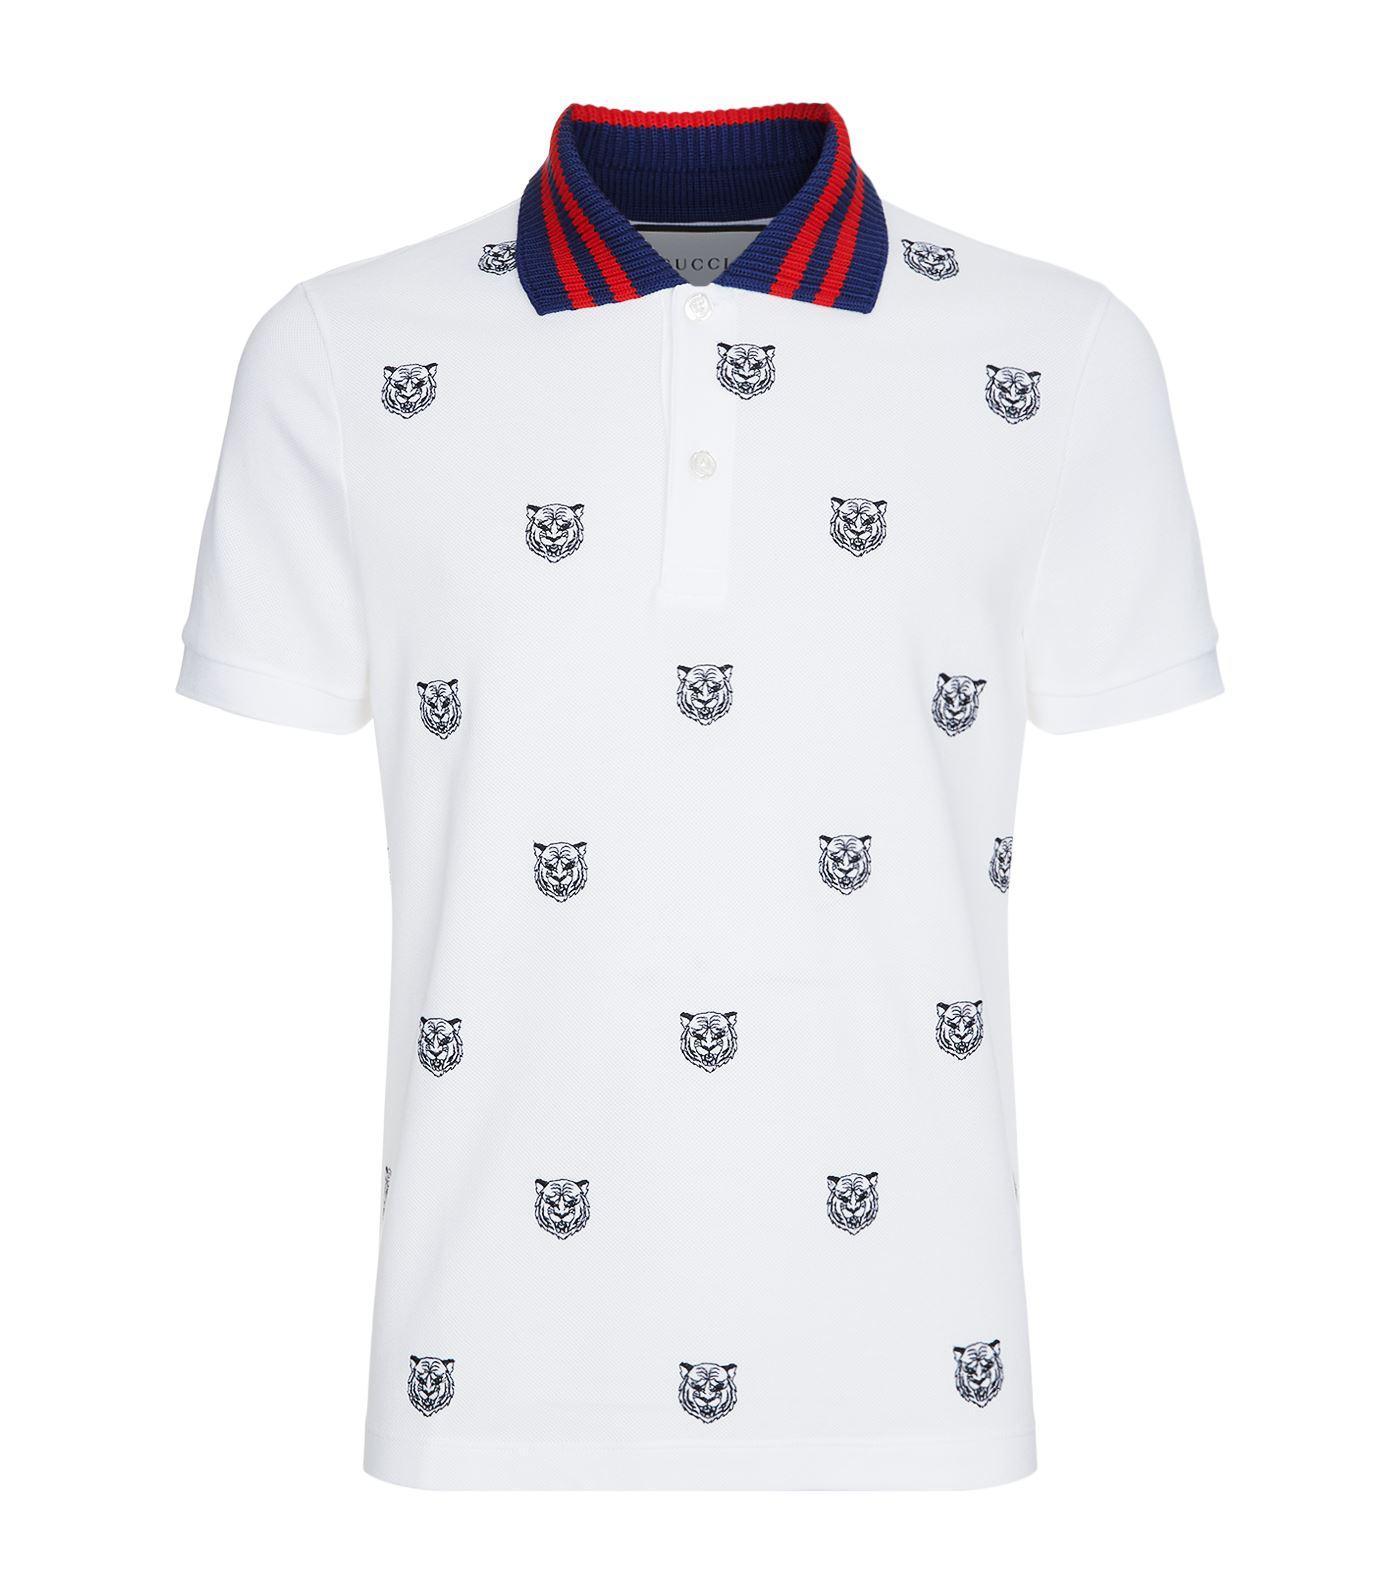 680e4e8e2 Gucci Tiger Head Contrast Collar Polo Shirt in White for Men - Lyst